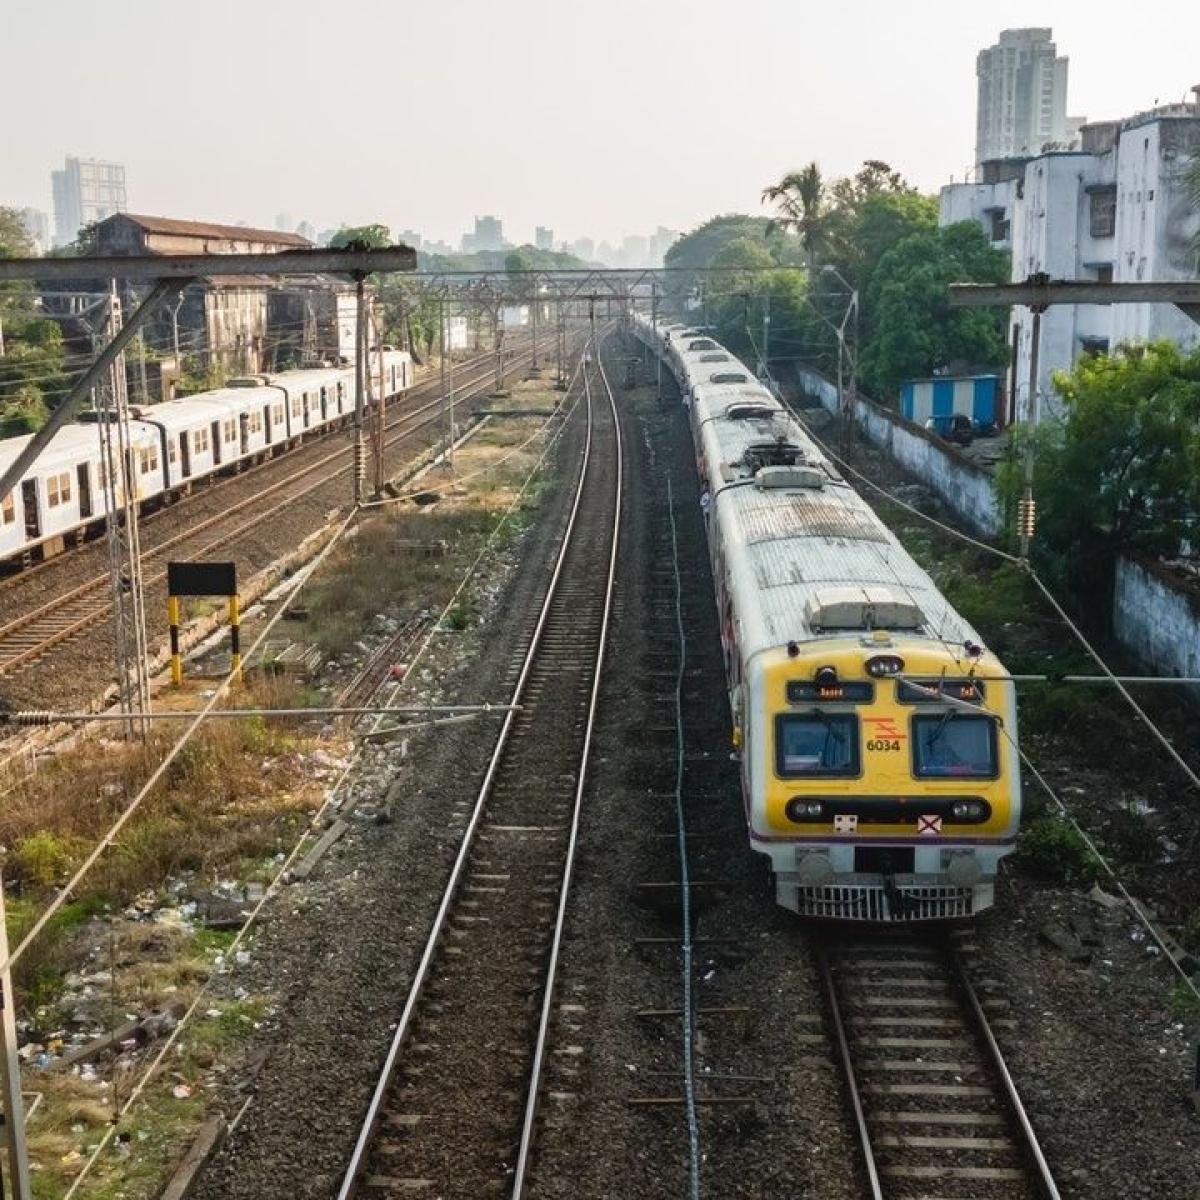 Mumbai: Latest updates - Two more arrested in Ambani bomb scare case